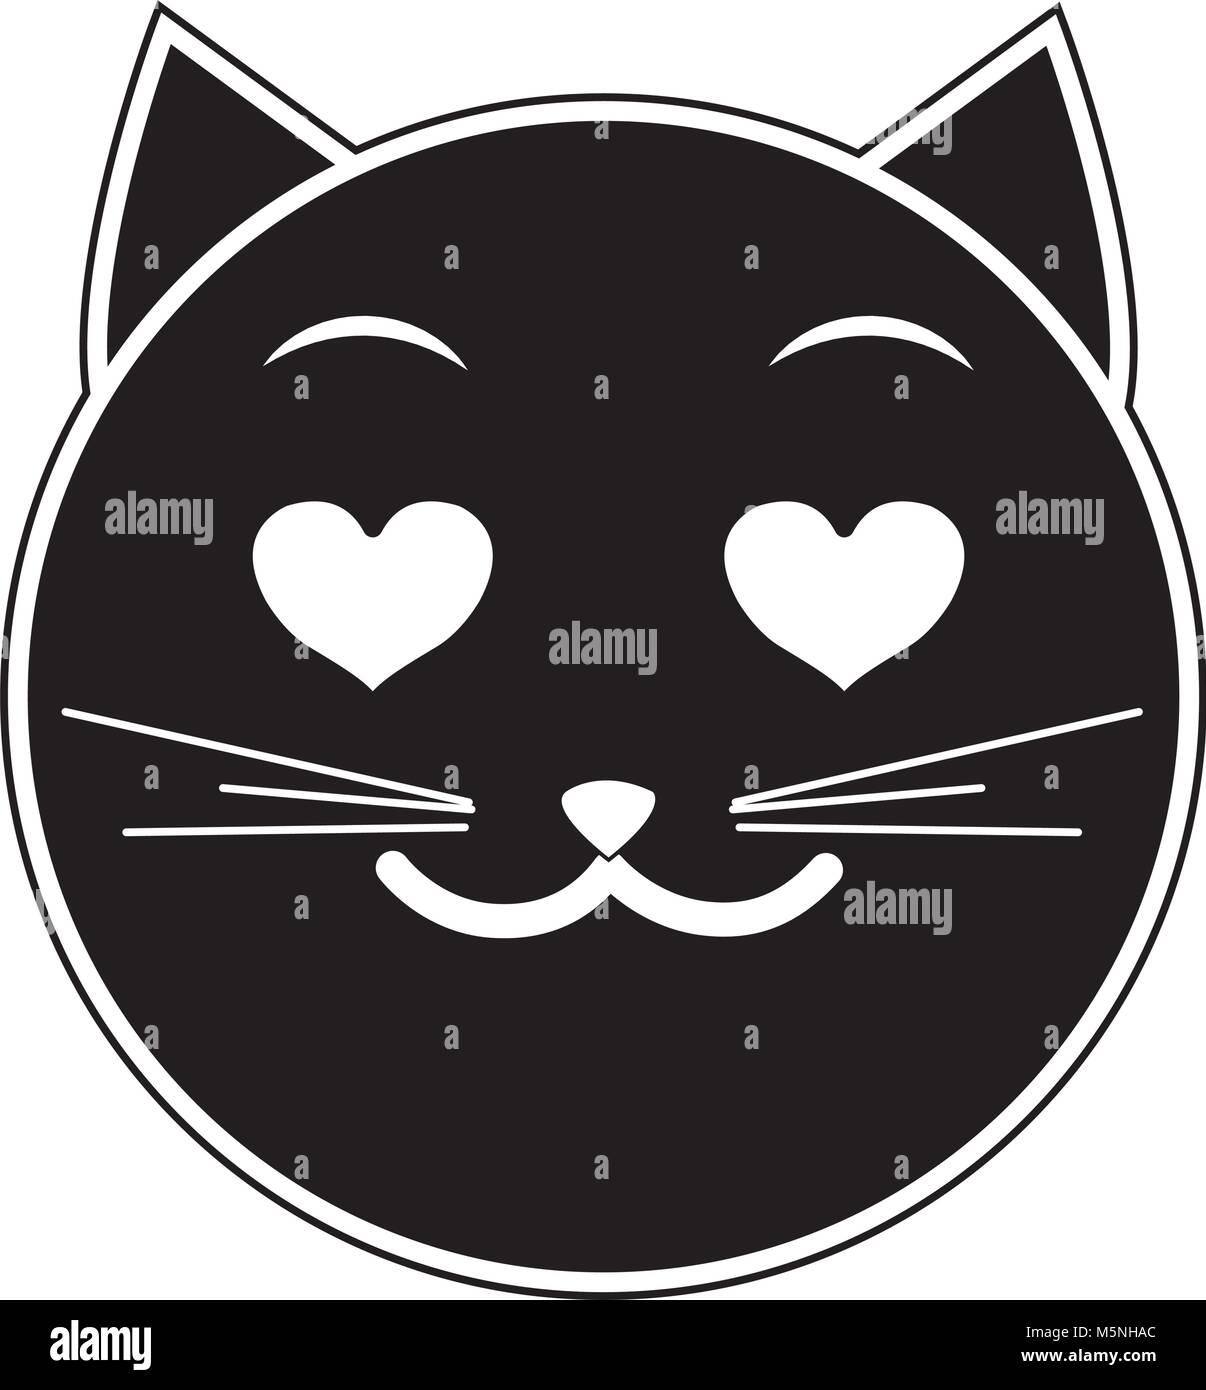 Silueta De Cara De Gato Enamorado Emoji Expresión Ilustración Del